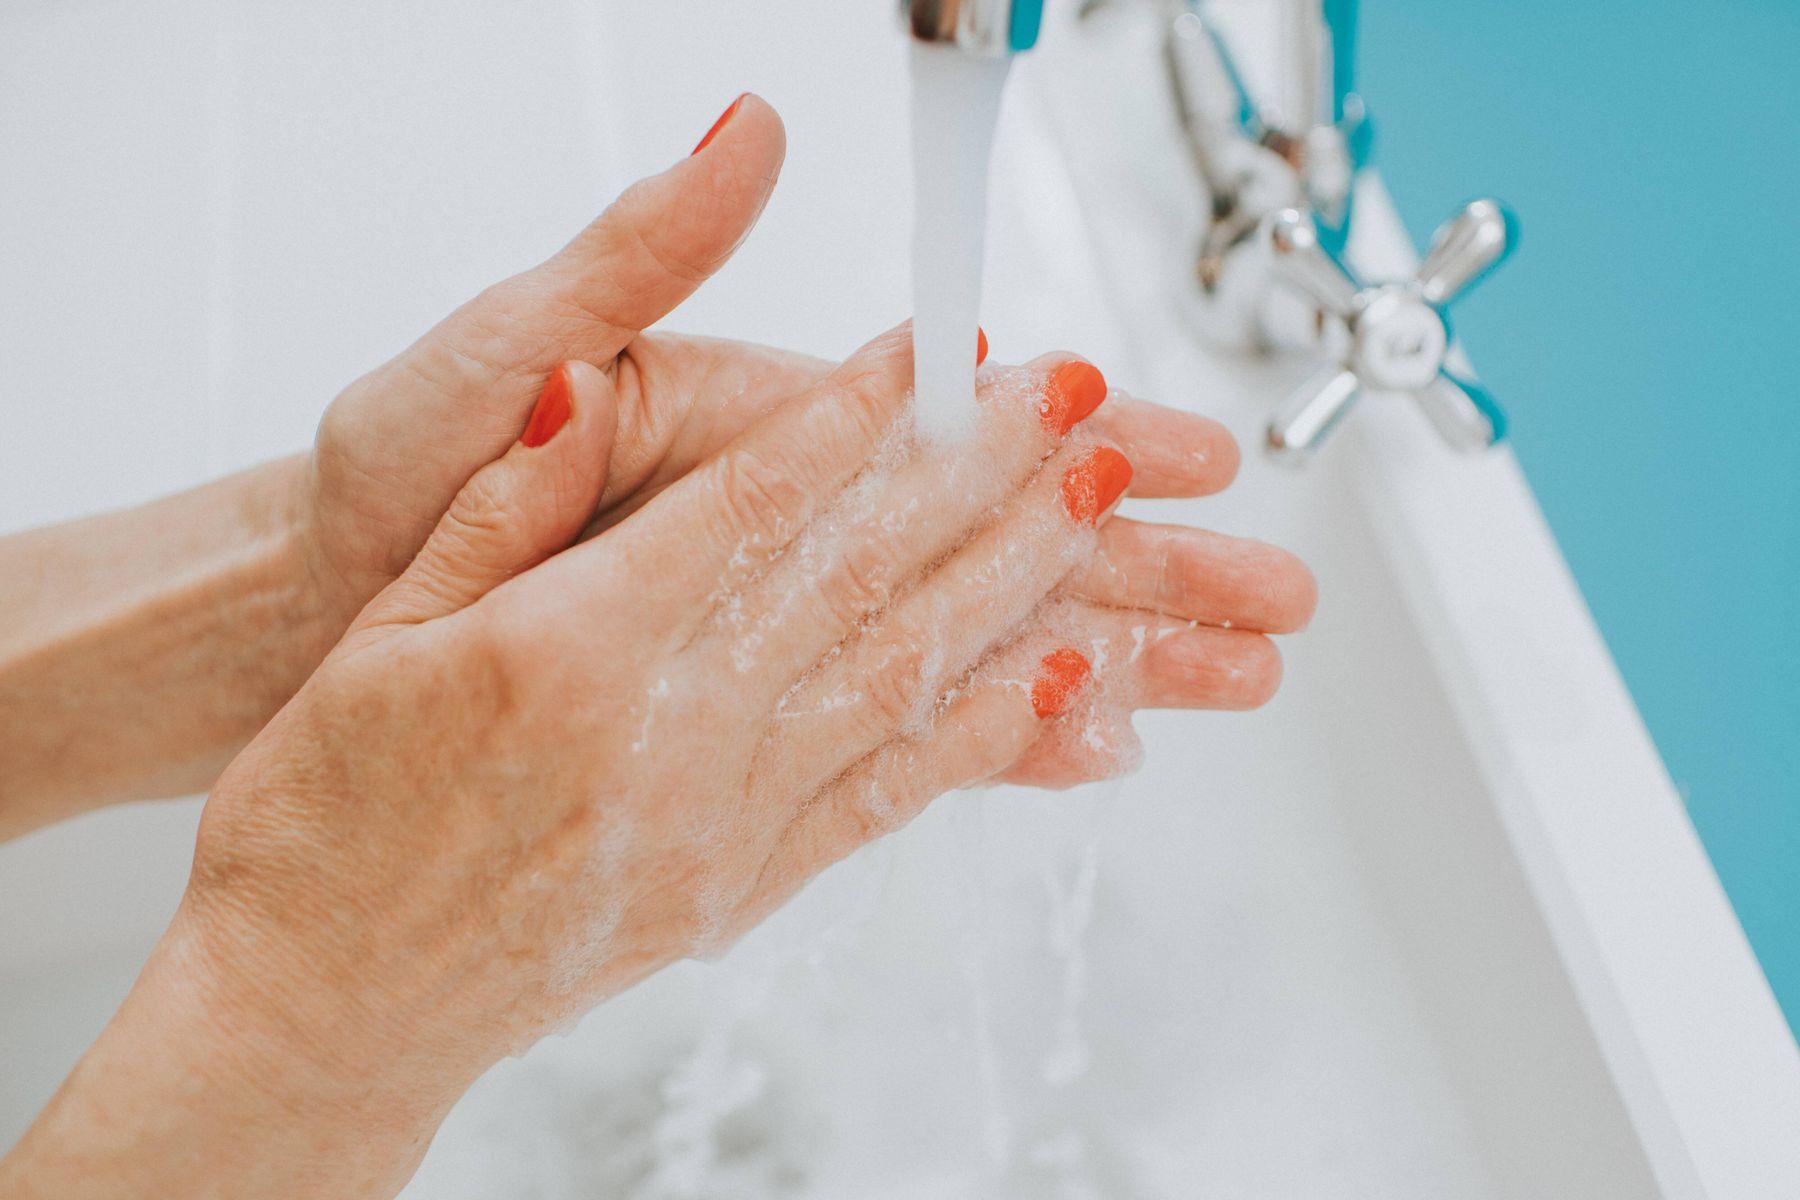 Frau, die ihre Hände wäscht